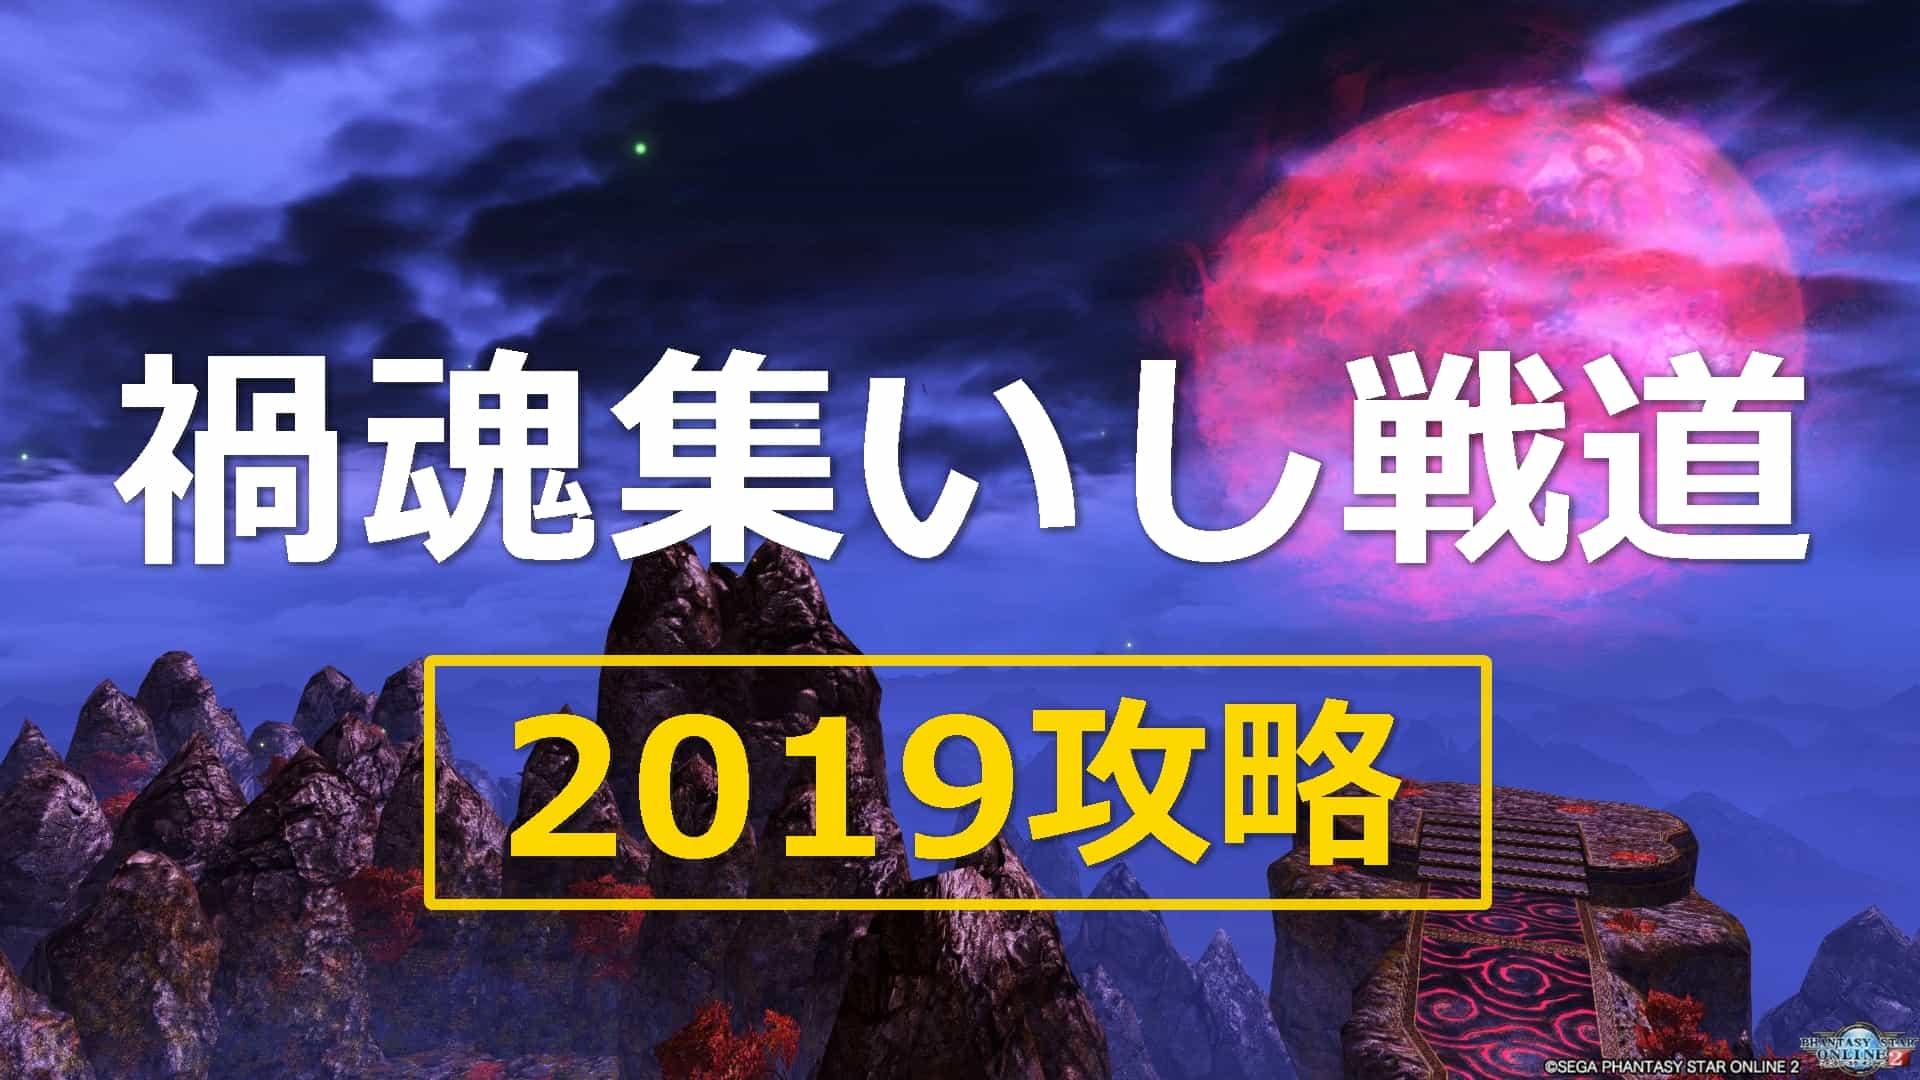 禍魂集いし戦道2019の攻略と内容